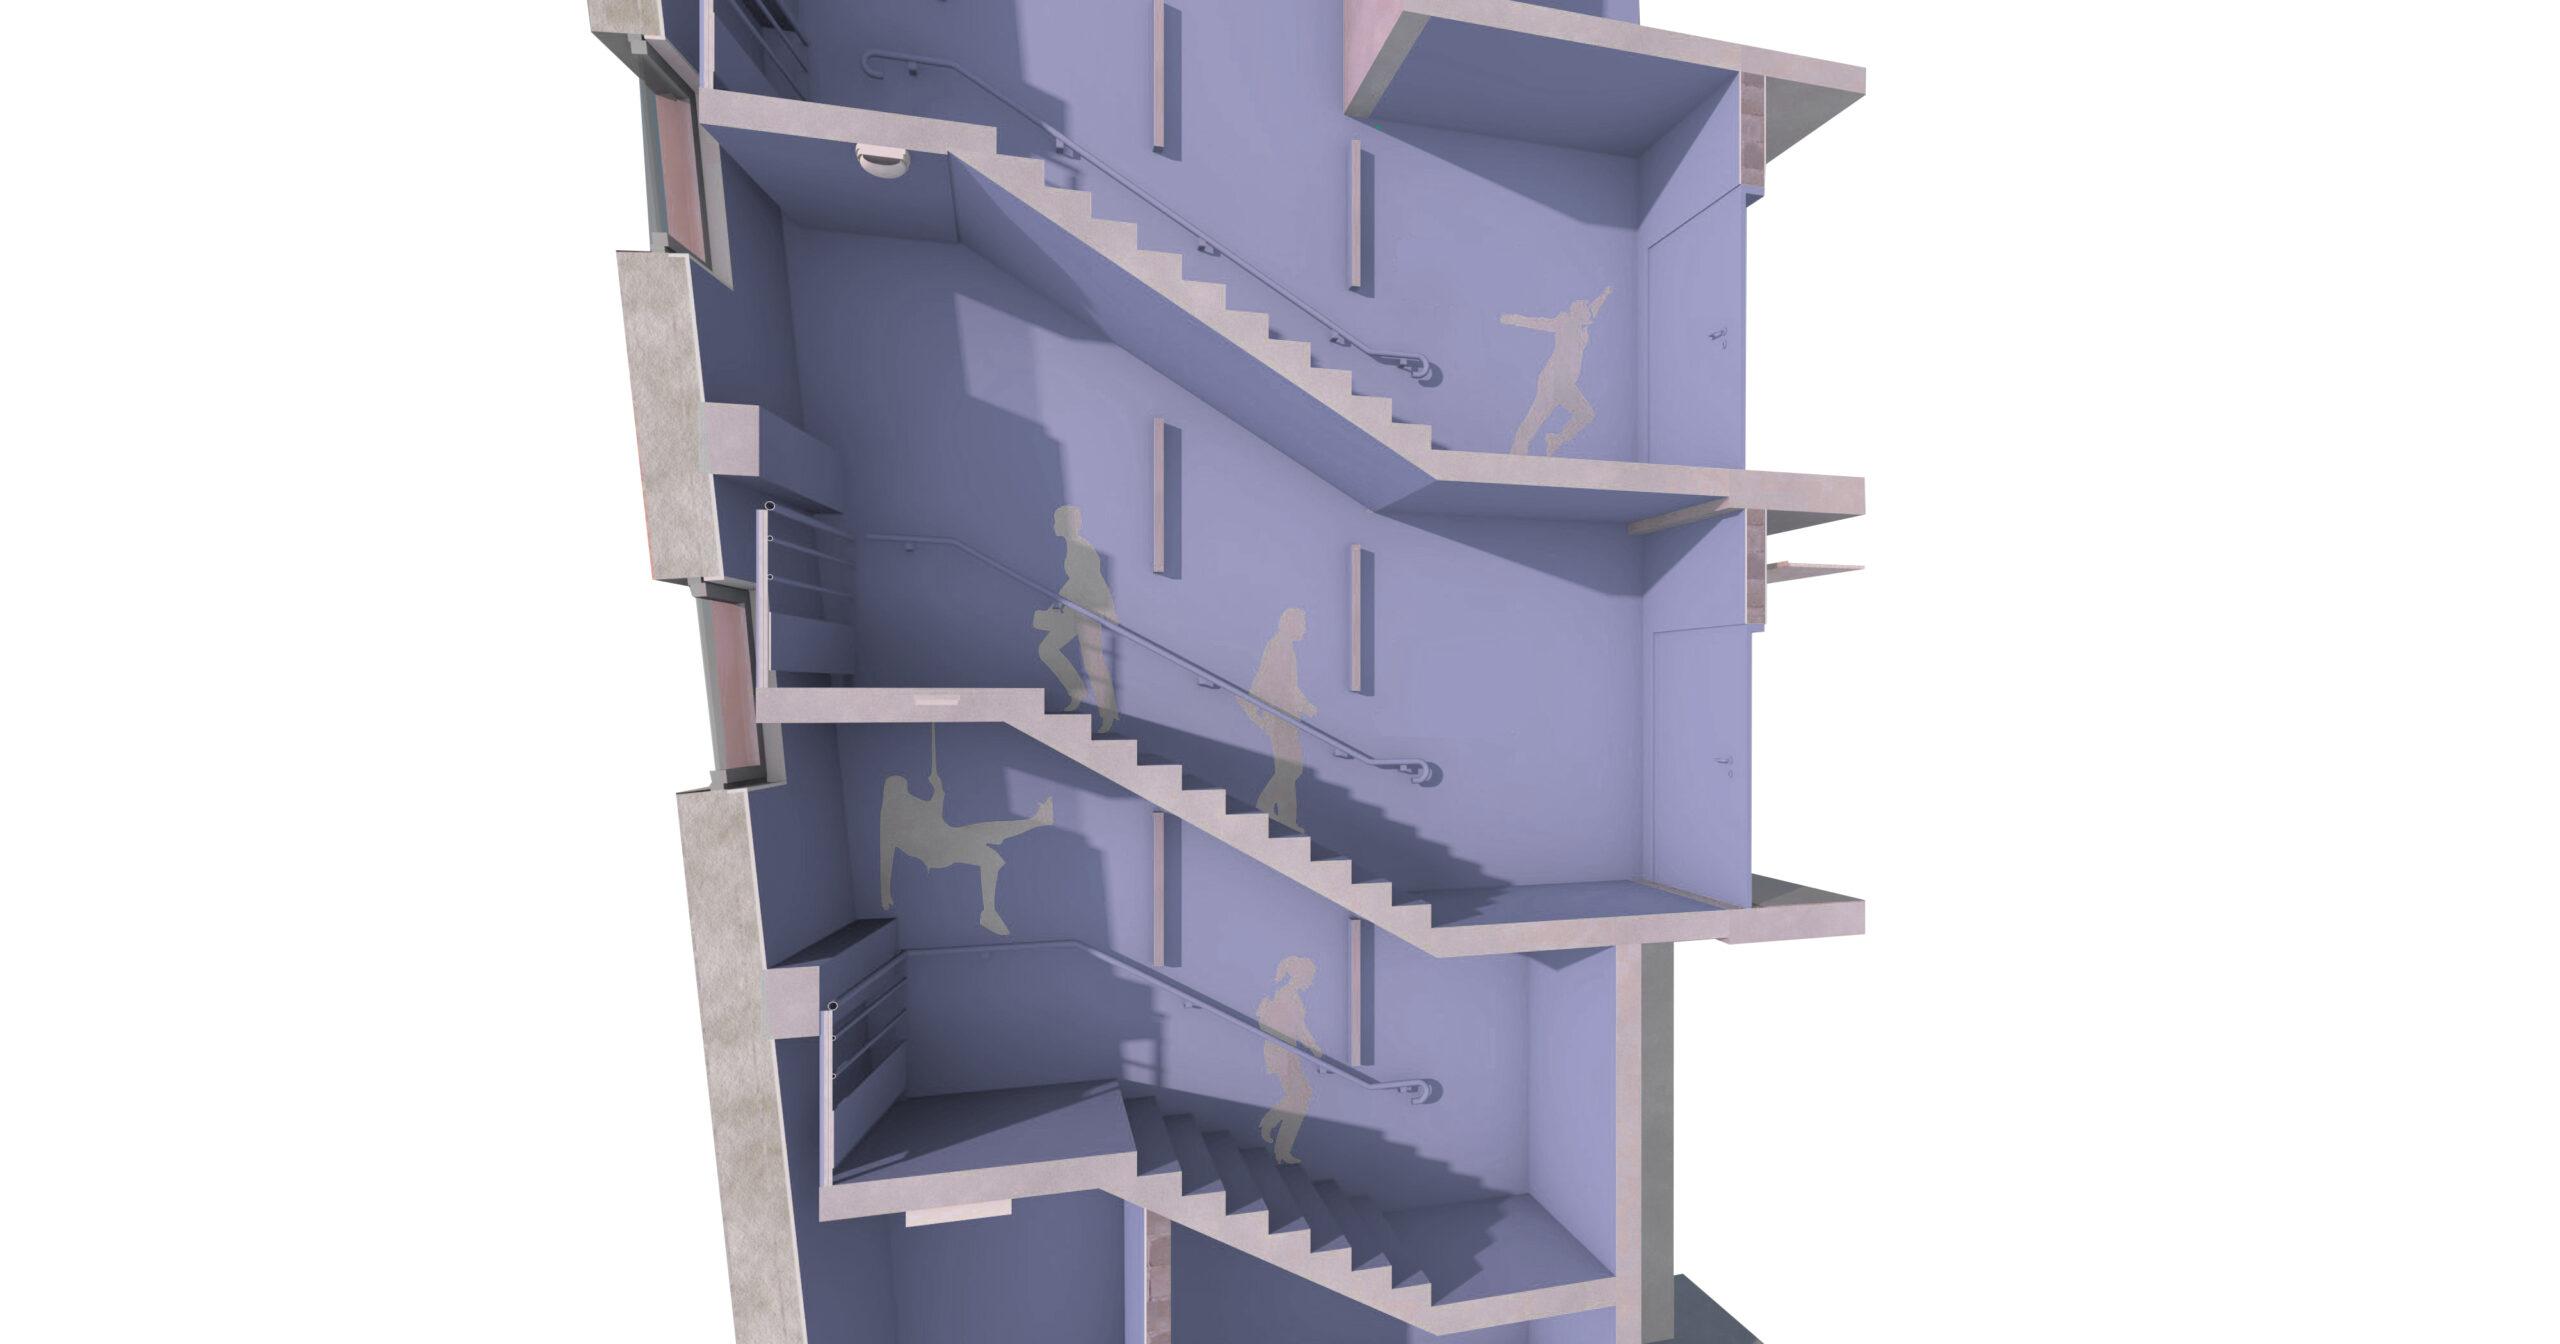 Pers escalier 05